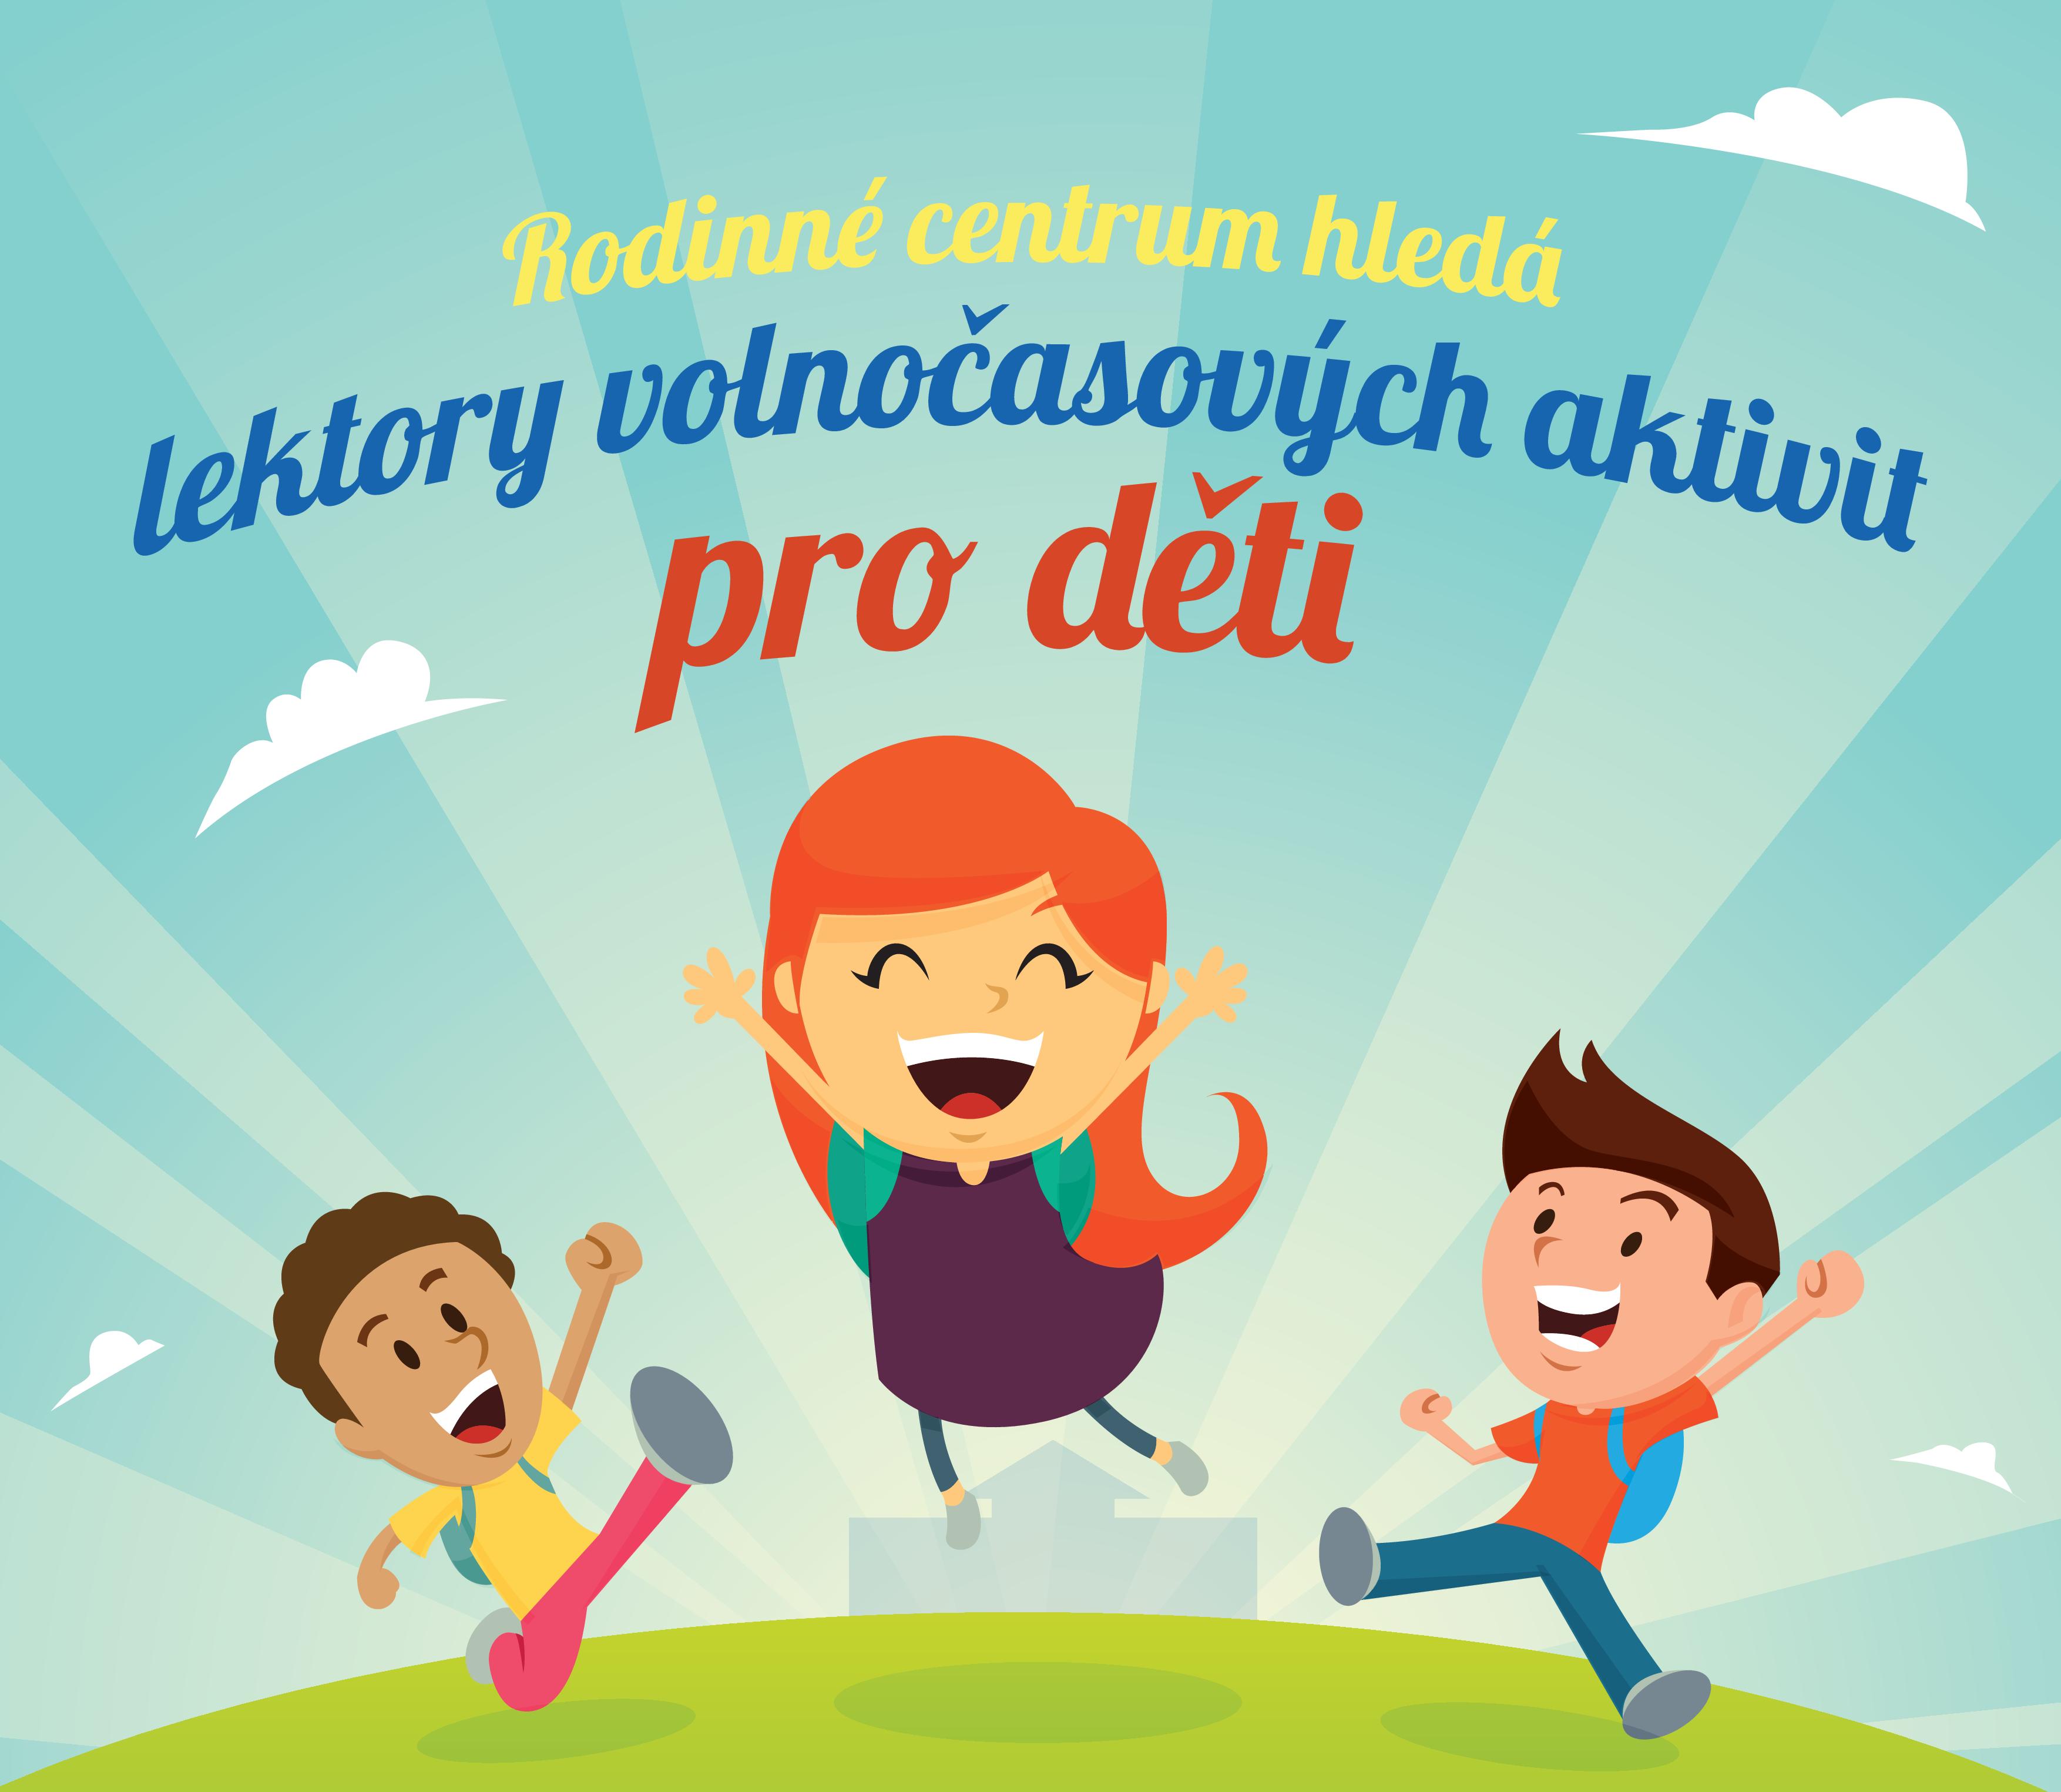 Centrum Ententyky hledá lektory volnočasových aktivit pro děti. Pro více informací klepněte na obrázek.